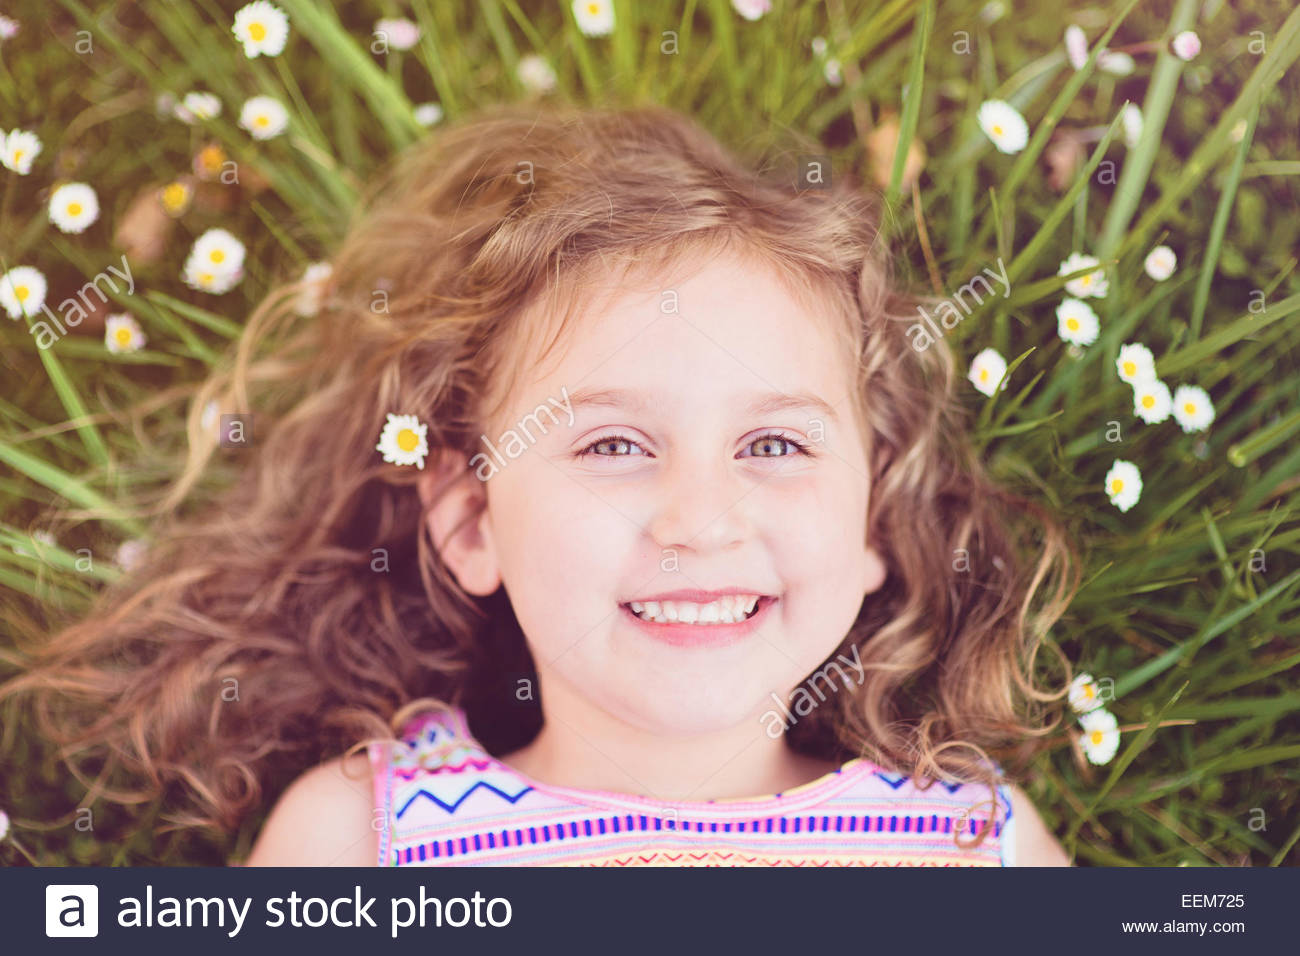 Ritratto di ragazza sorridente (4-5) giacenti in erba Immagini Stock